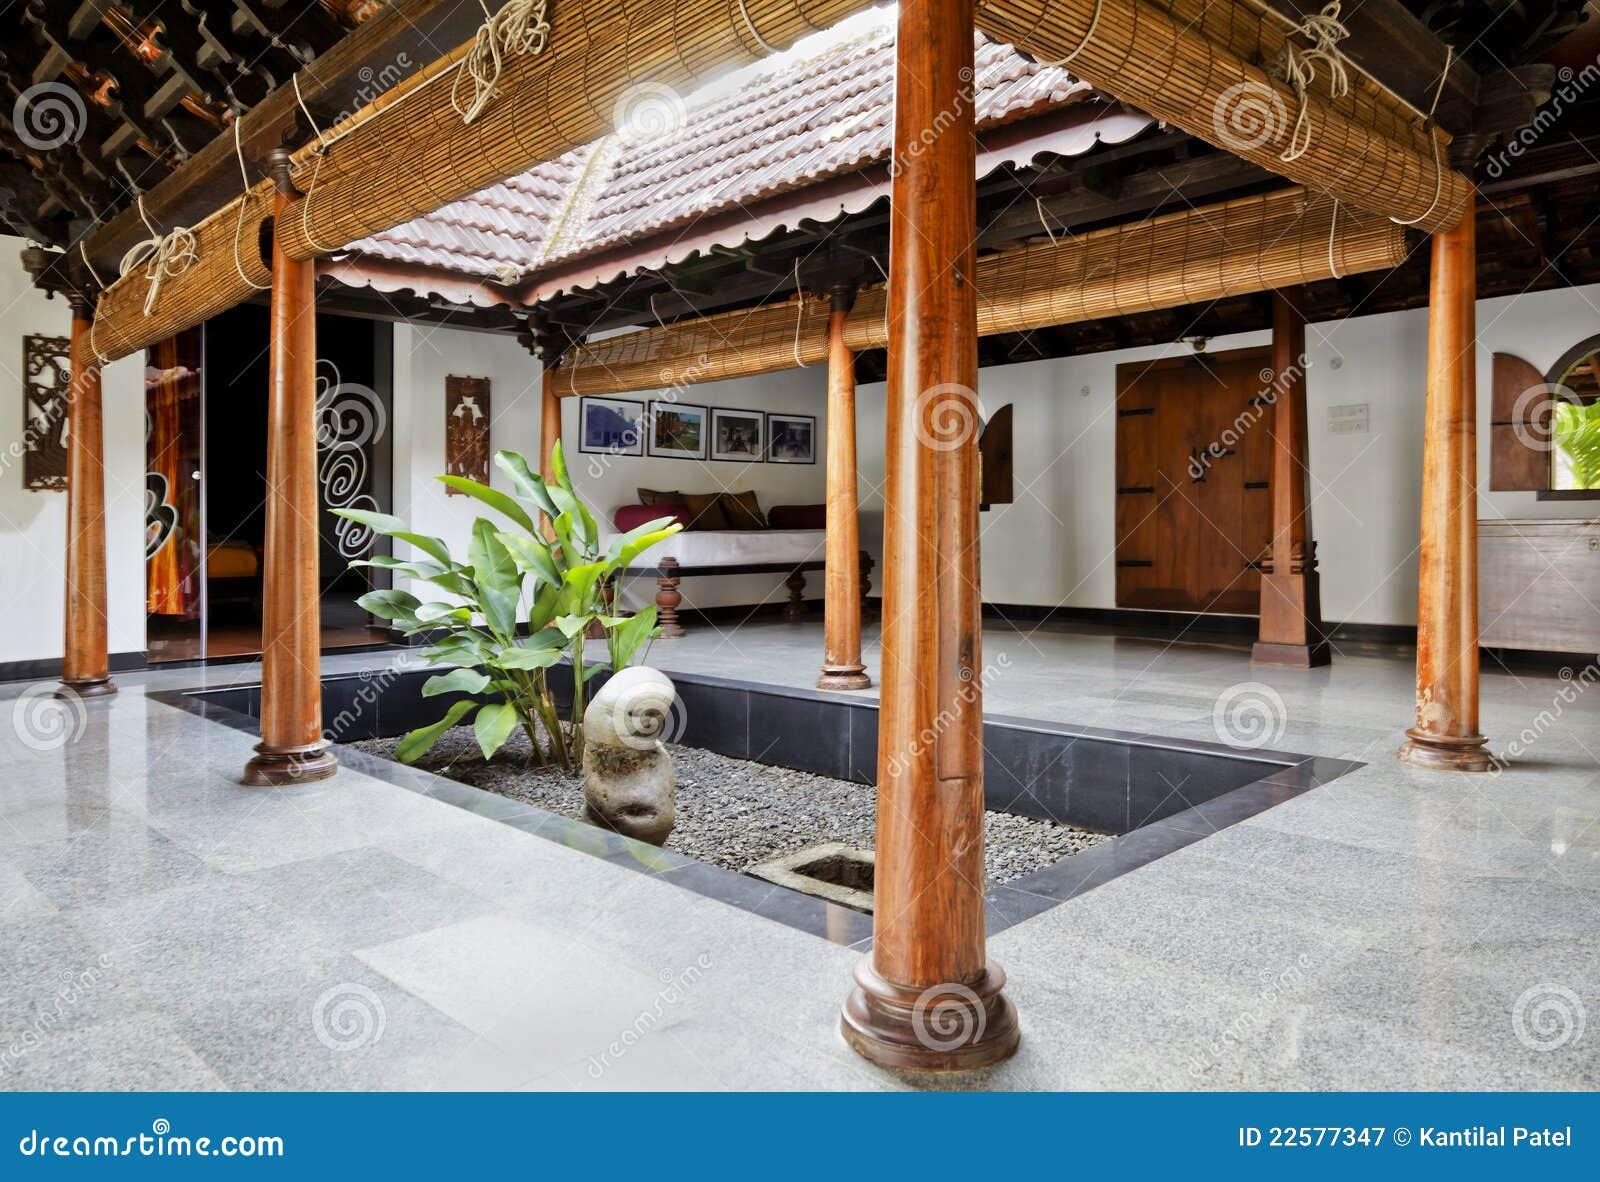 Dise o interior de patio en la casa de planta baja de - Diseno patio interior ...